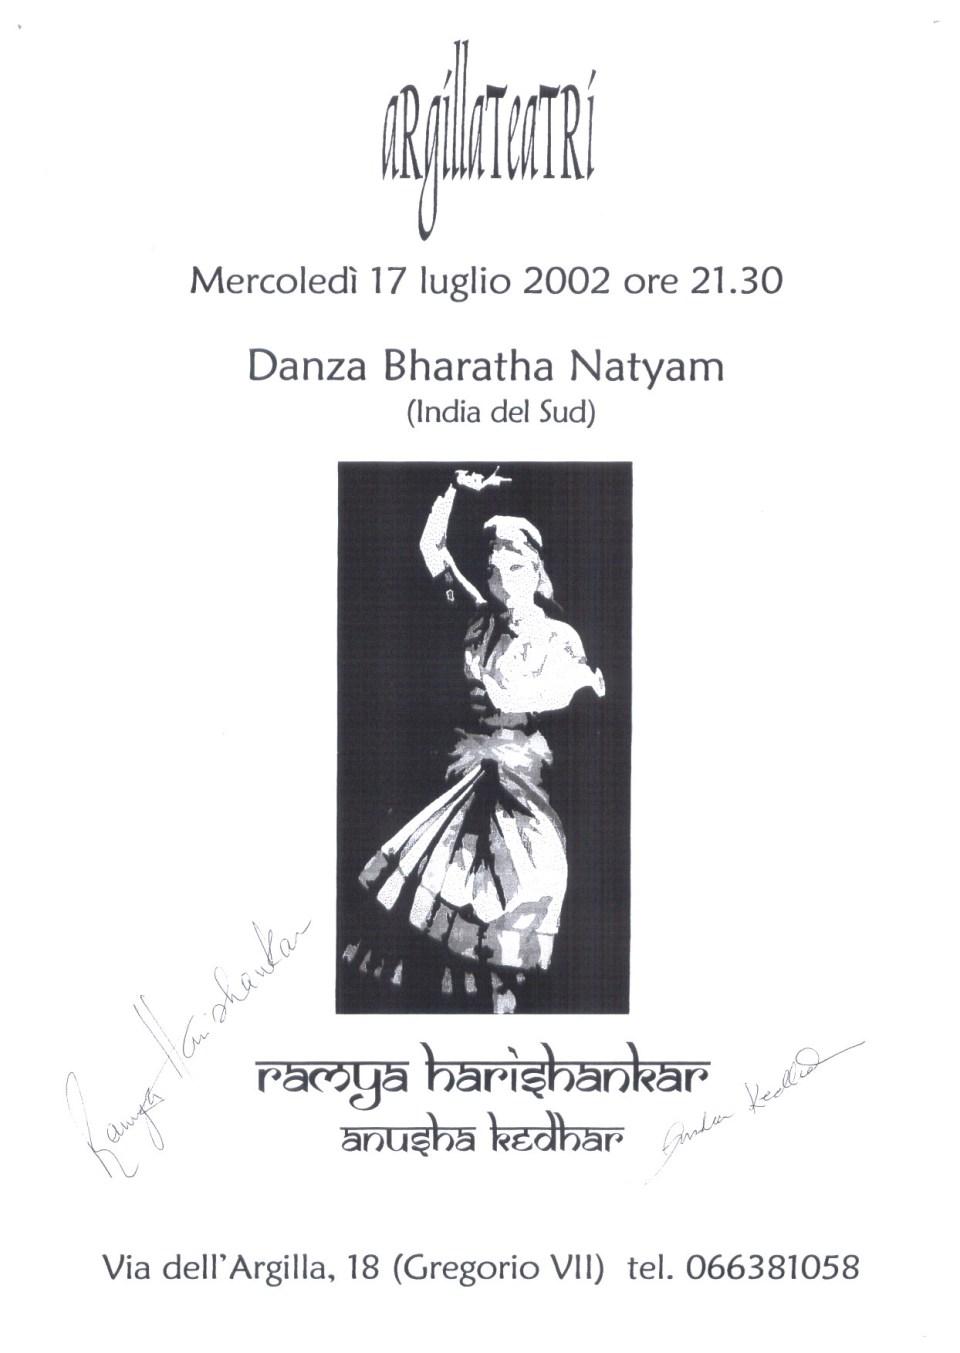 ramya harishankar108.jpg